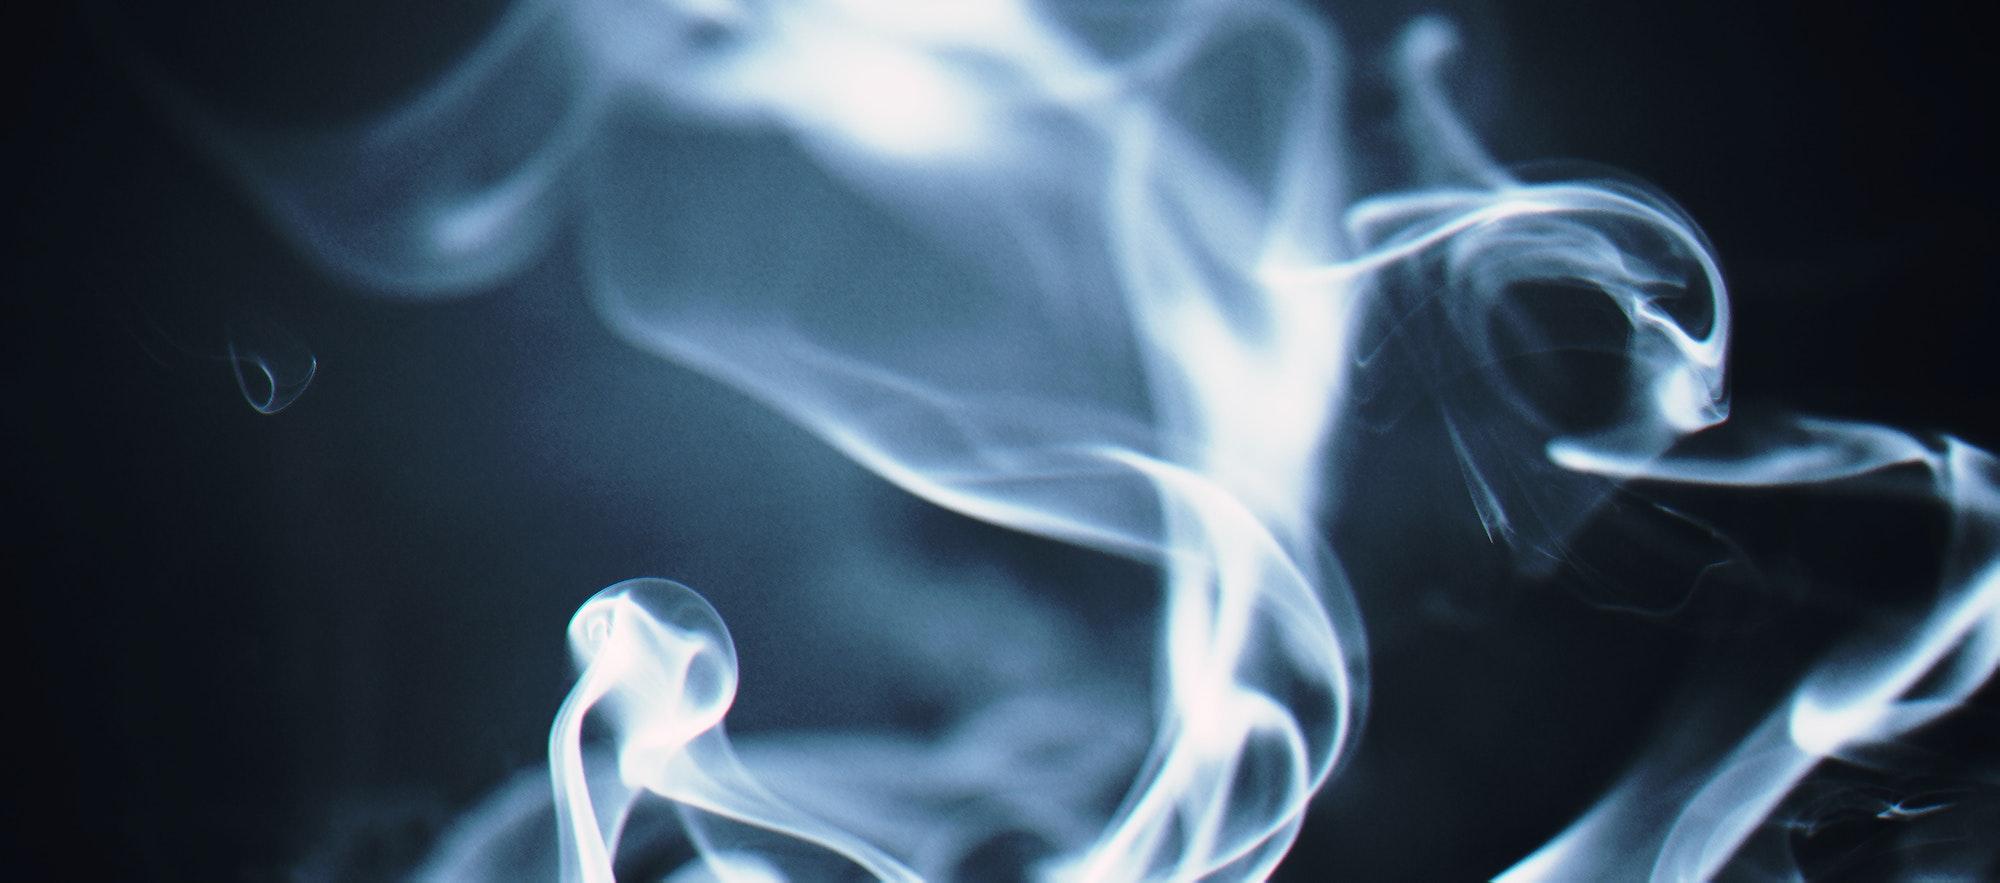 May contain: smoke